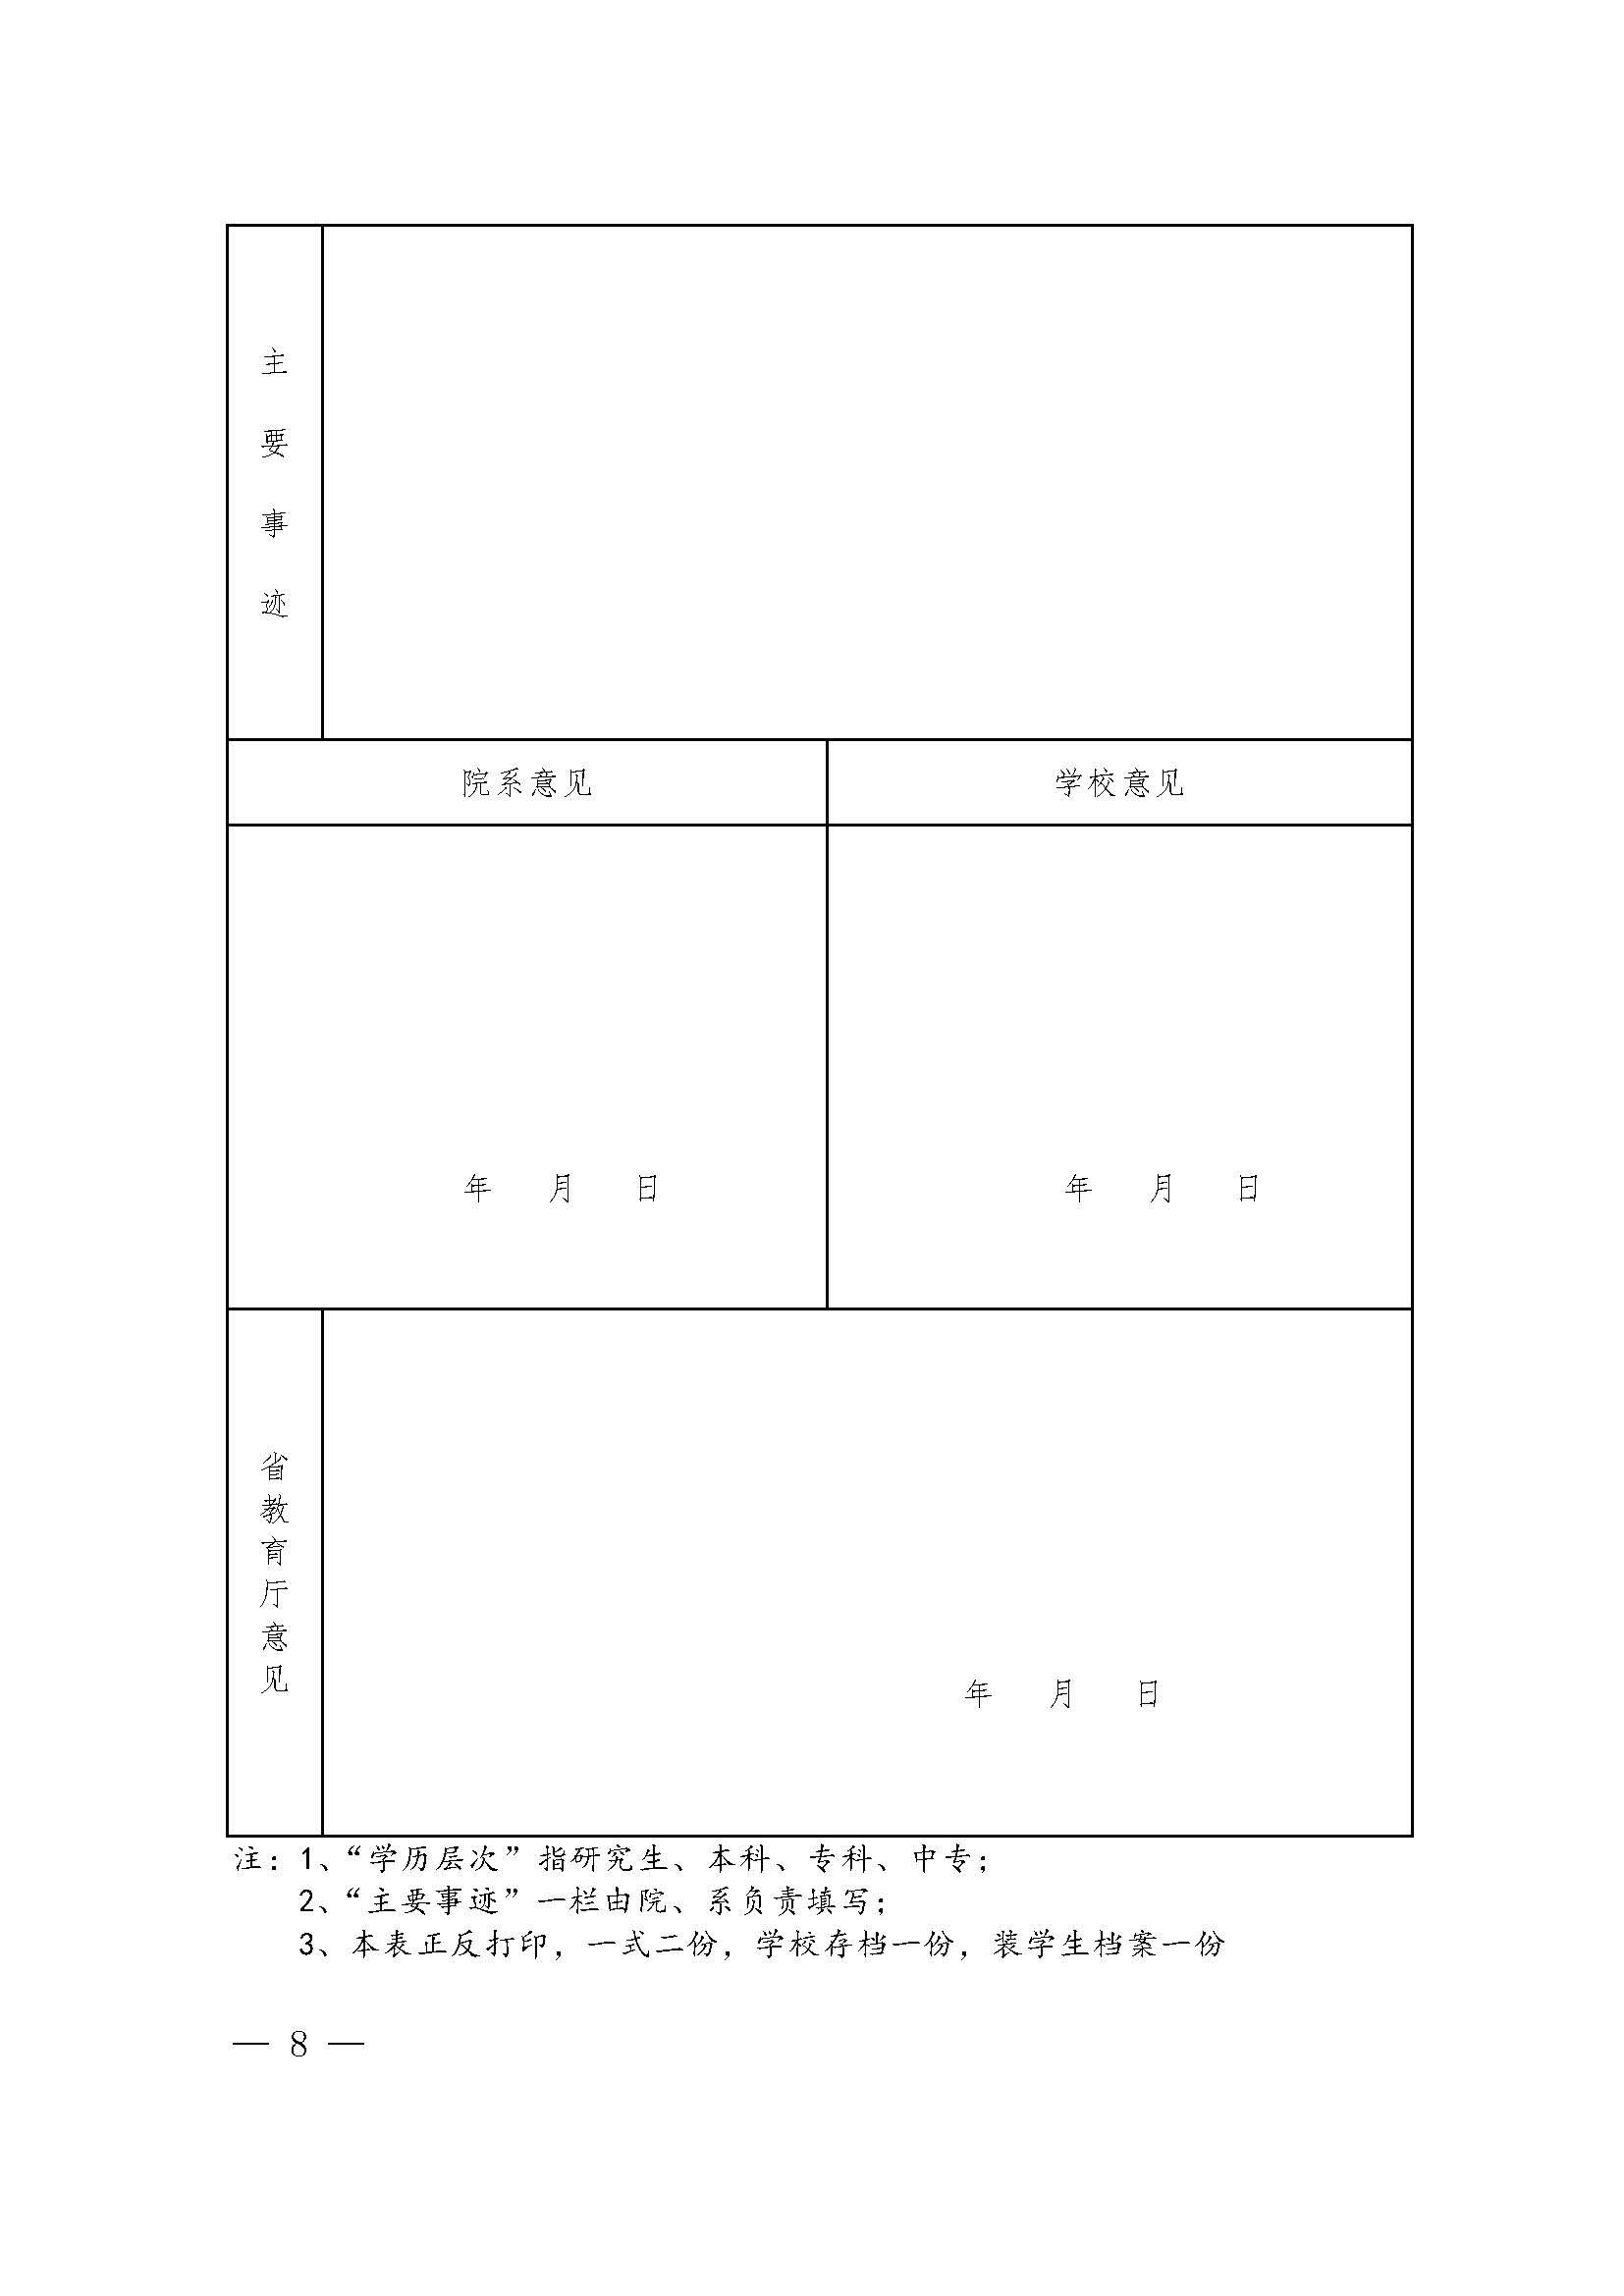 河南省教育厅办公室关于评选河南省普通大中专学校2021年优秀应届毕业生的通知_页面_08.jpg